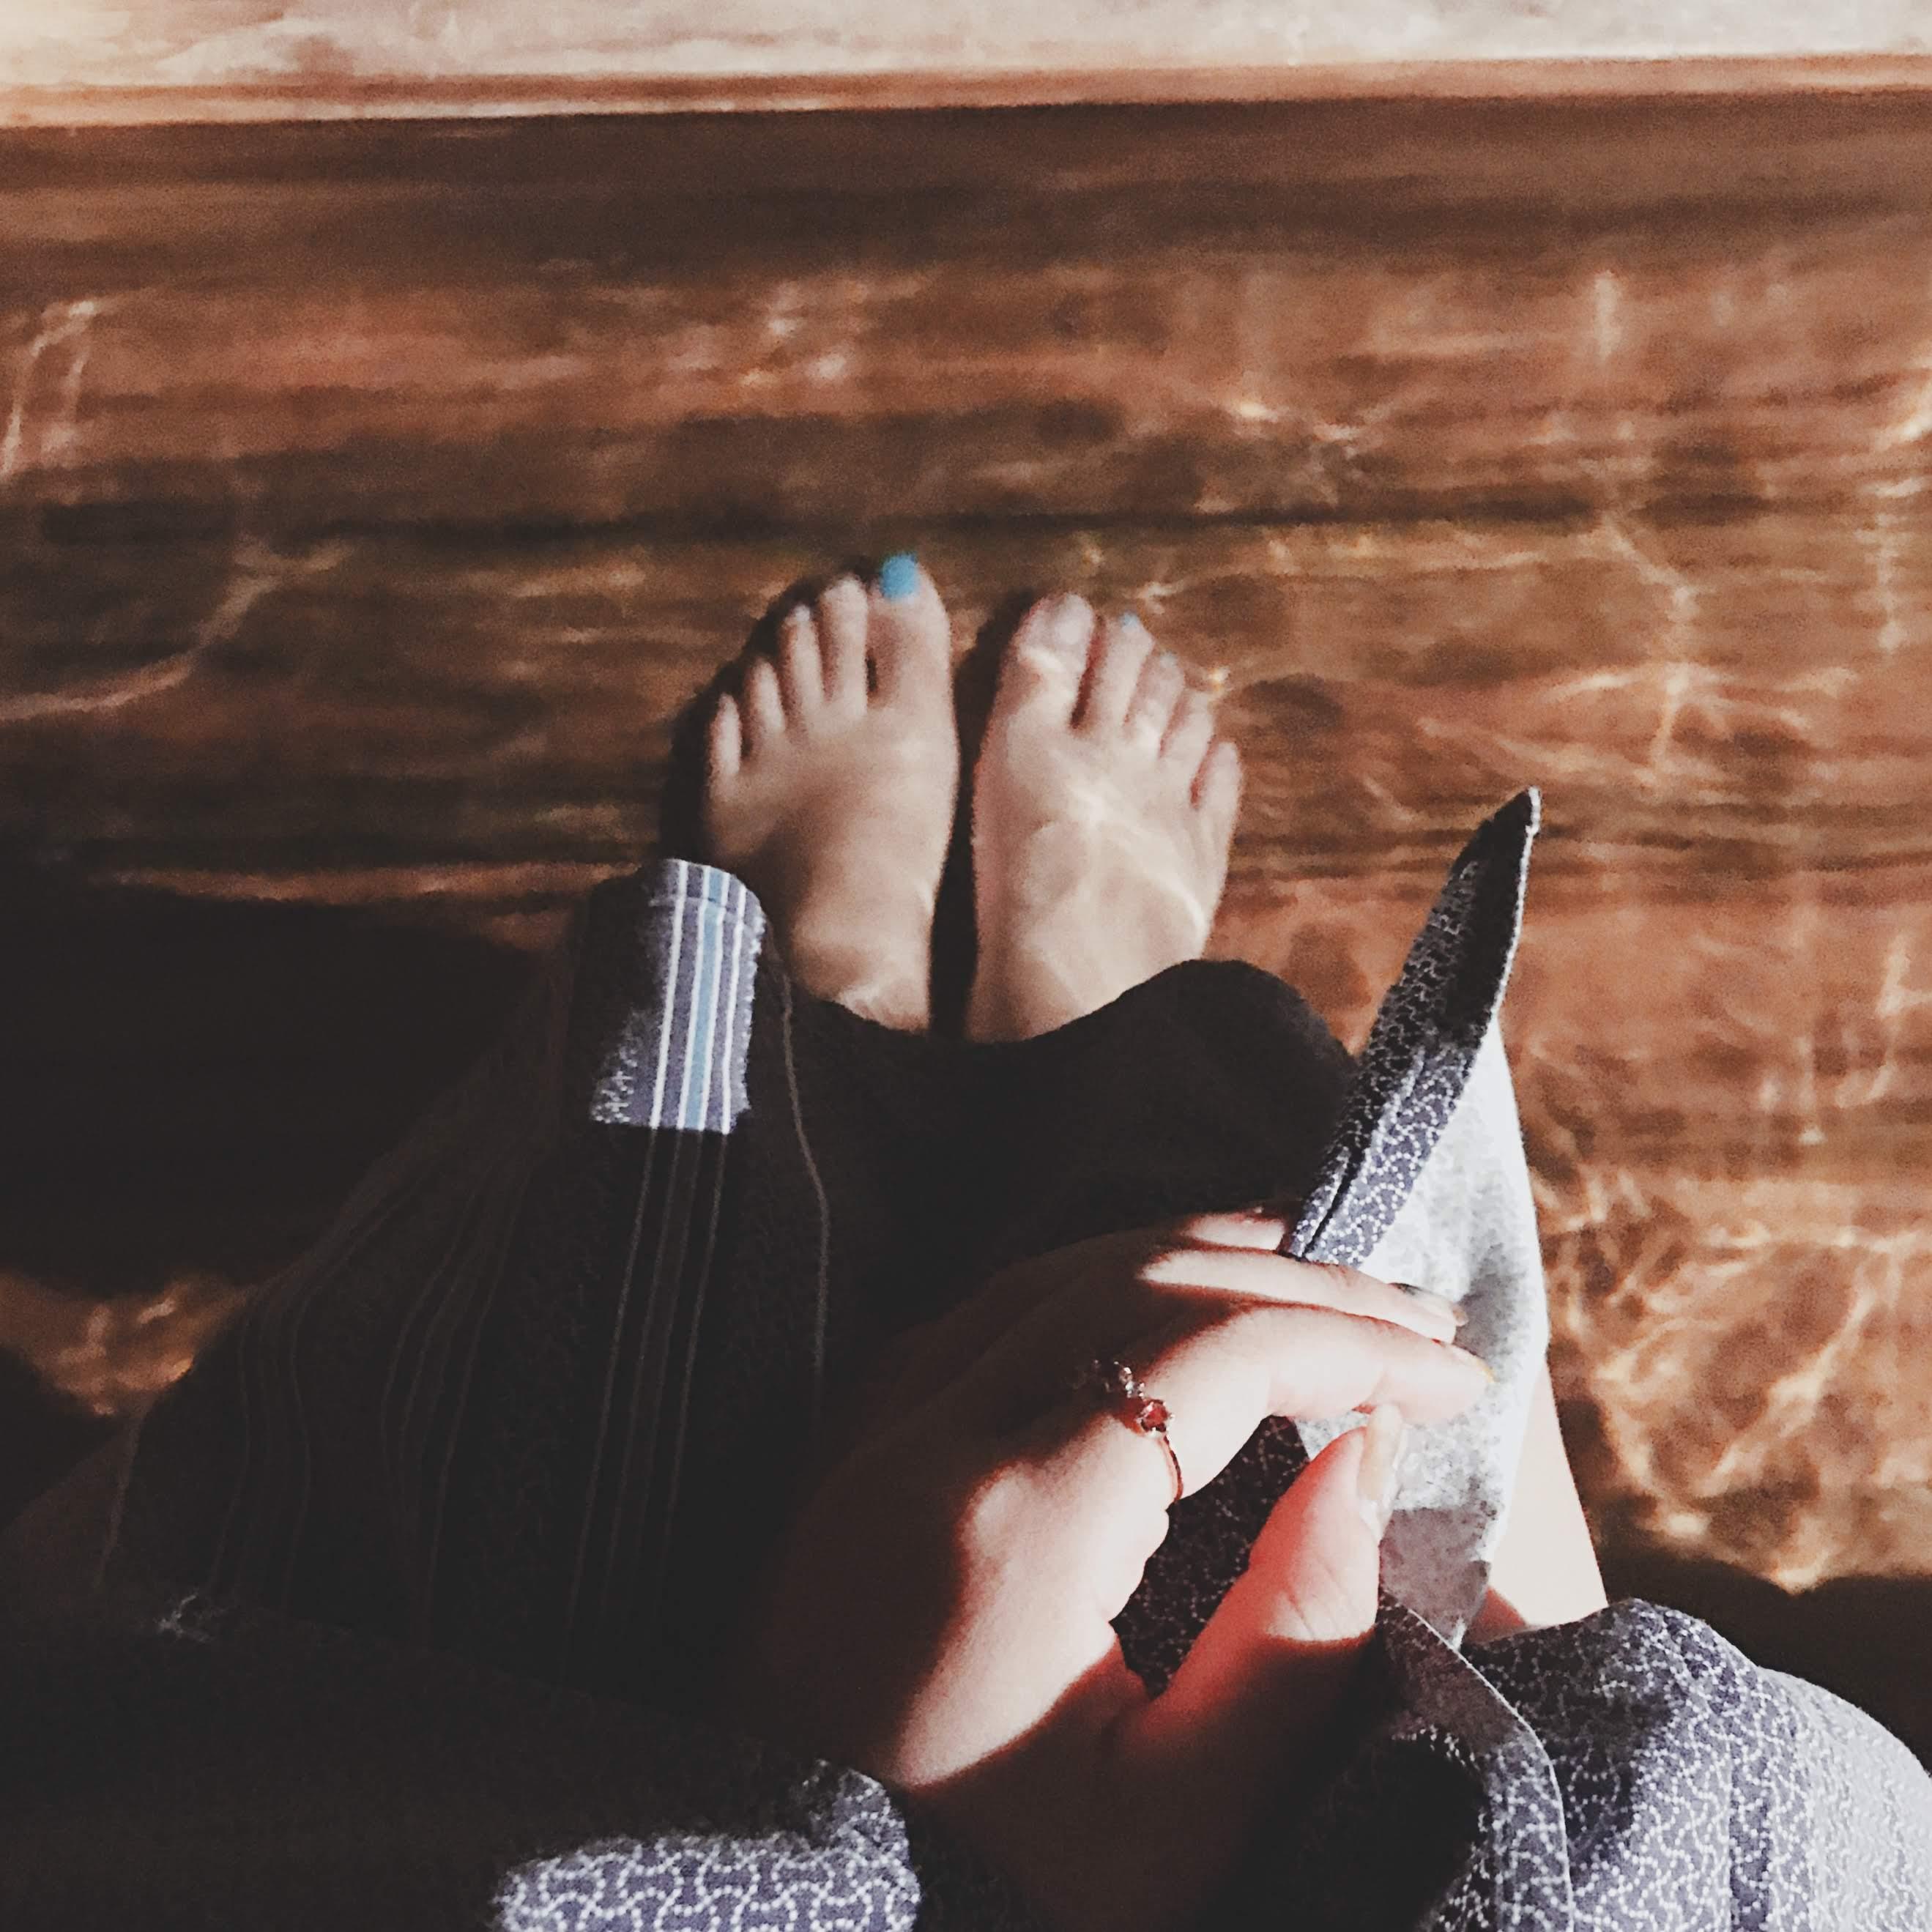 【女子旅におすすめ】わずか16部屋しかない伊豆の湯宿・玉翠のプライベート空間で満喫_2